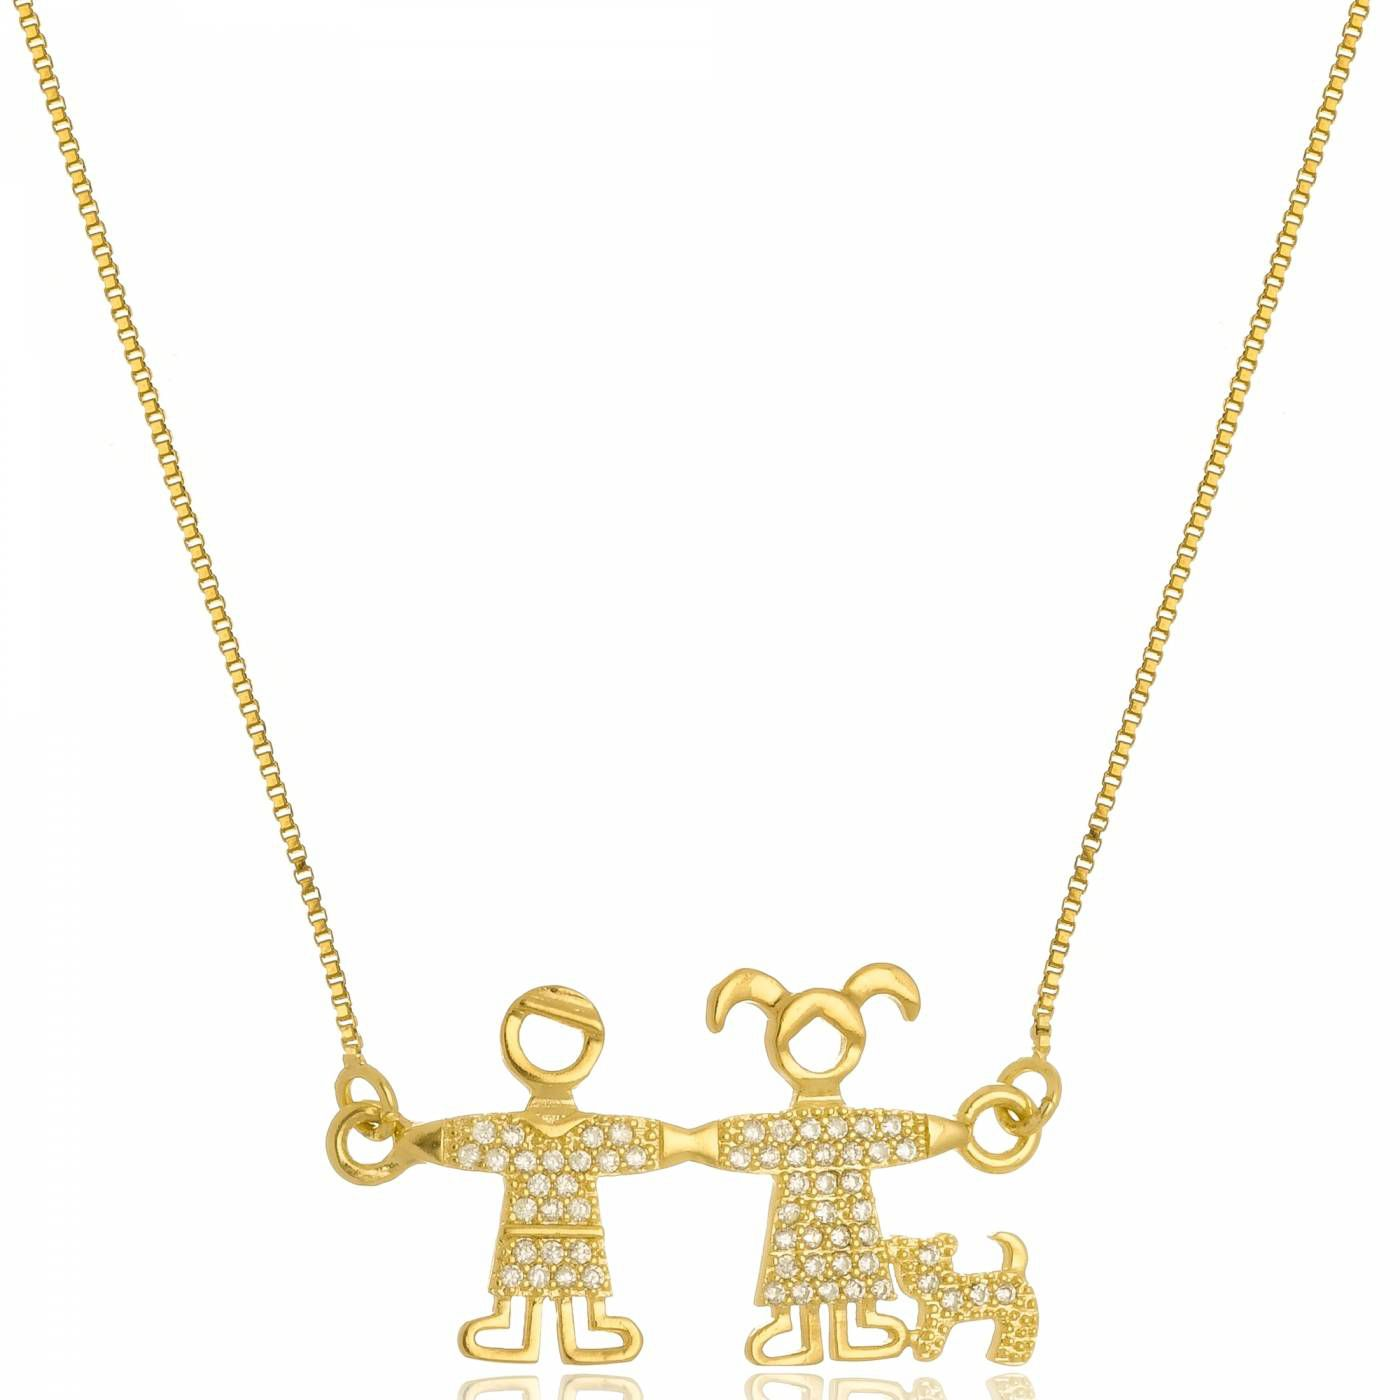 Colar Casal e Cachorro com Mini Zircônias Folheado a Ouro 18K